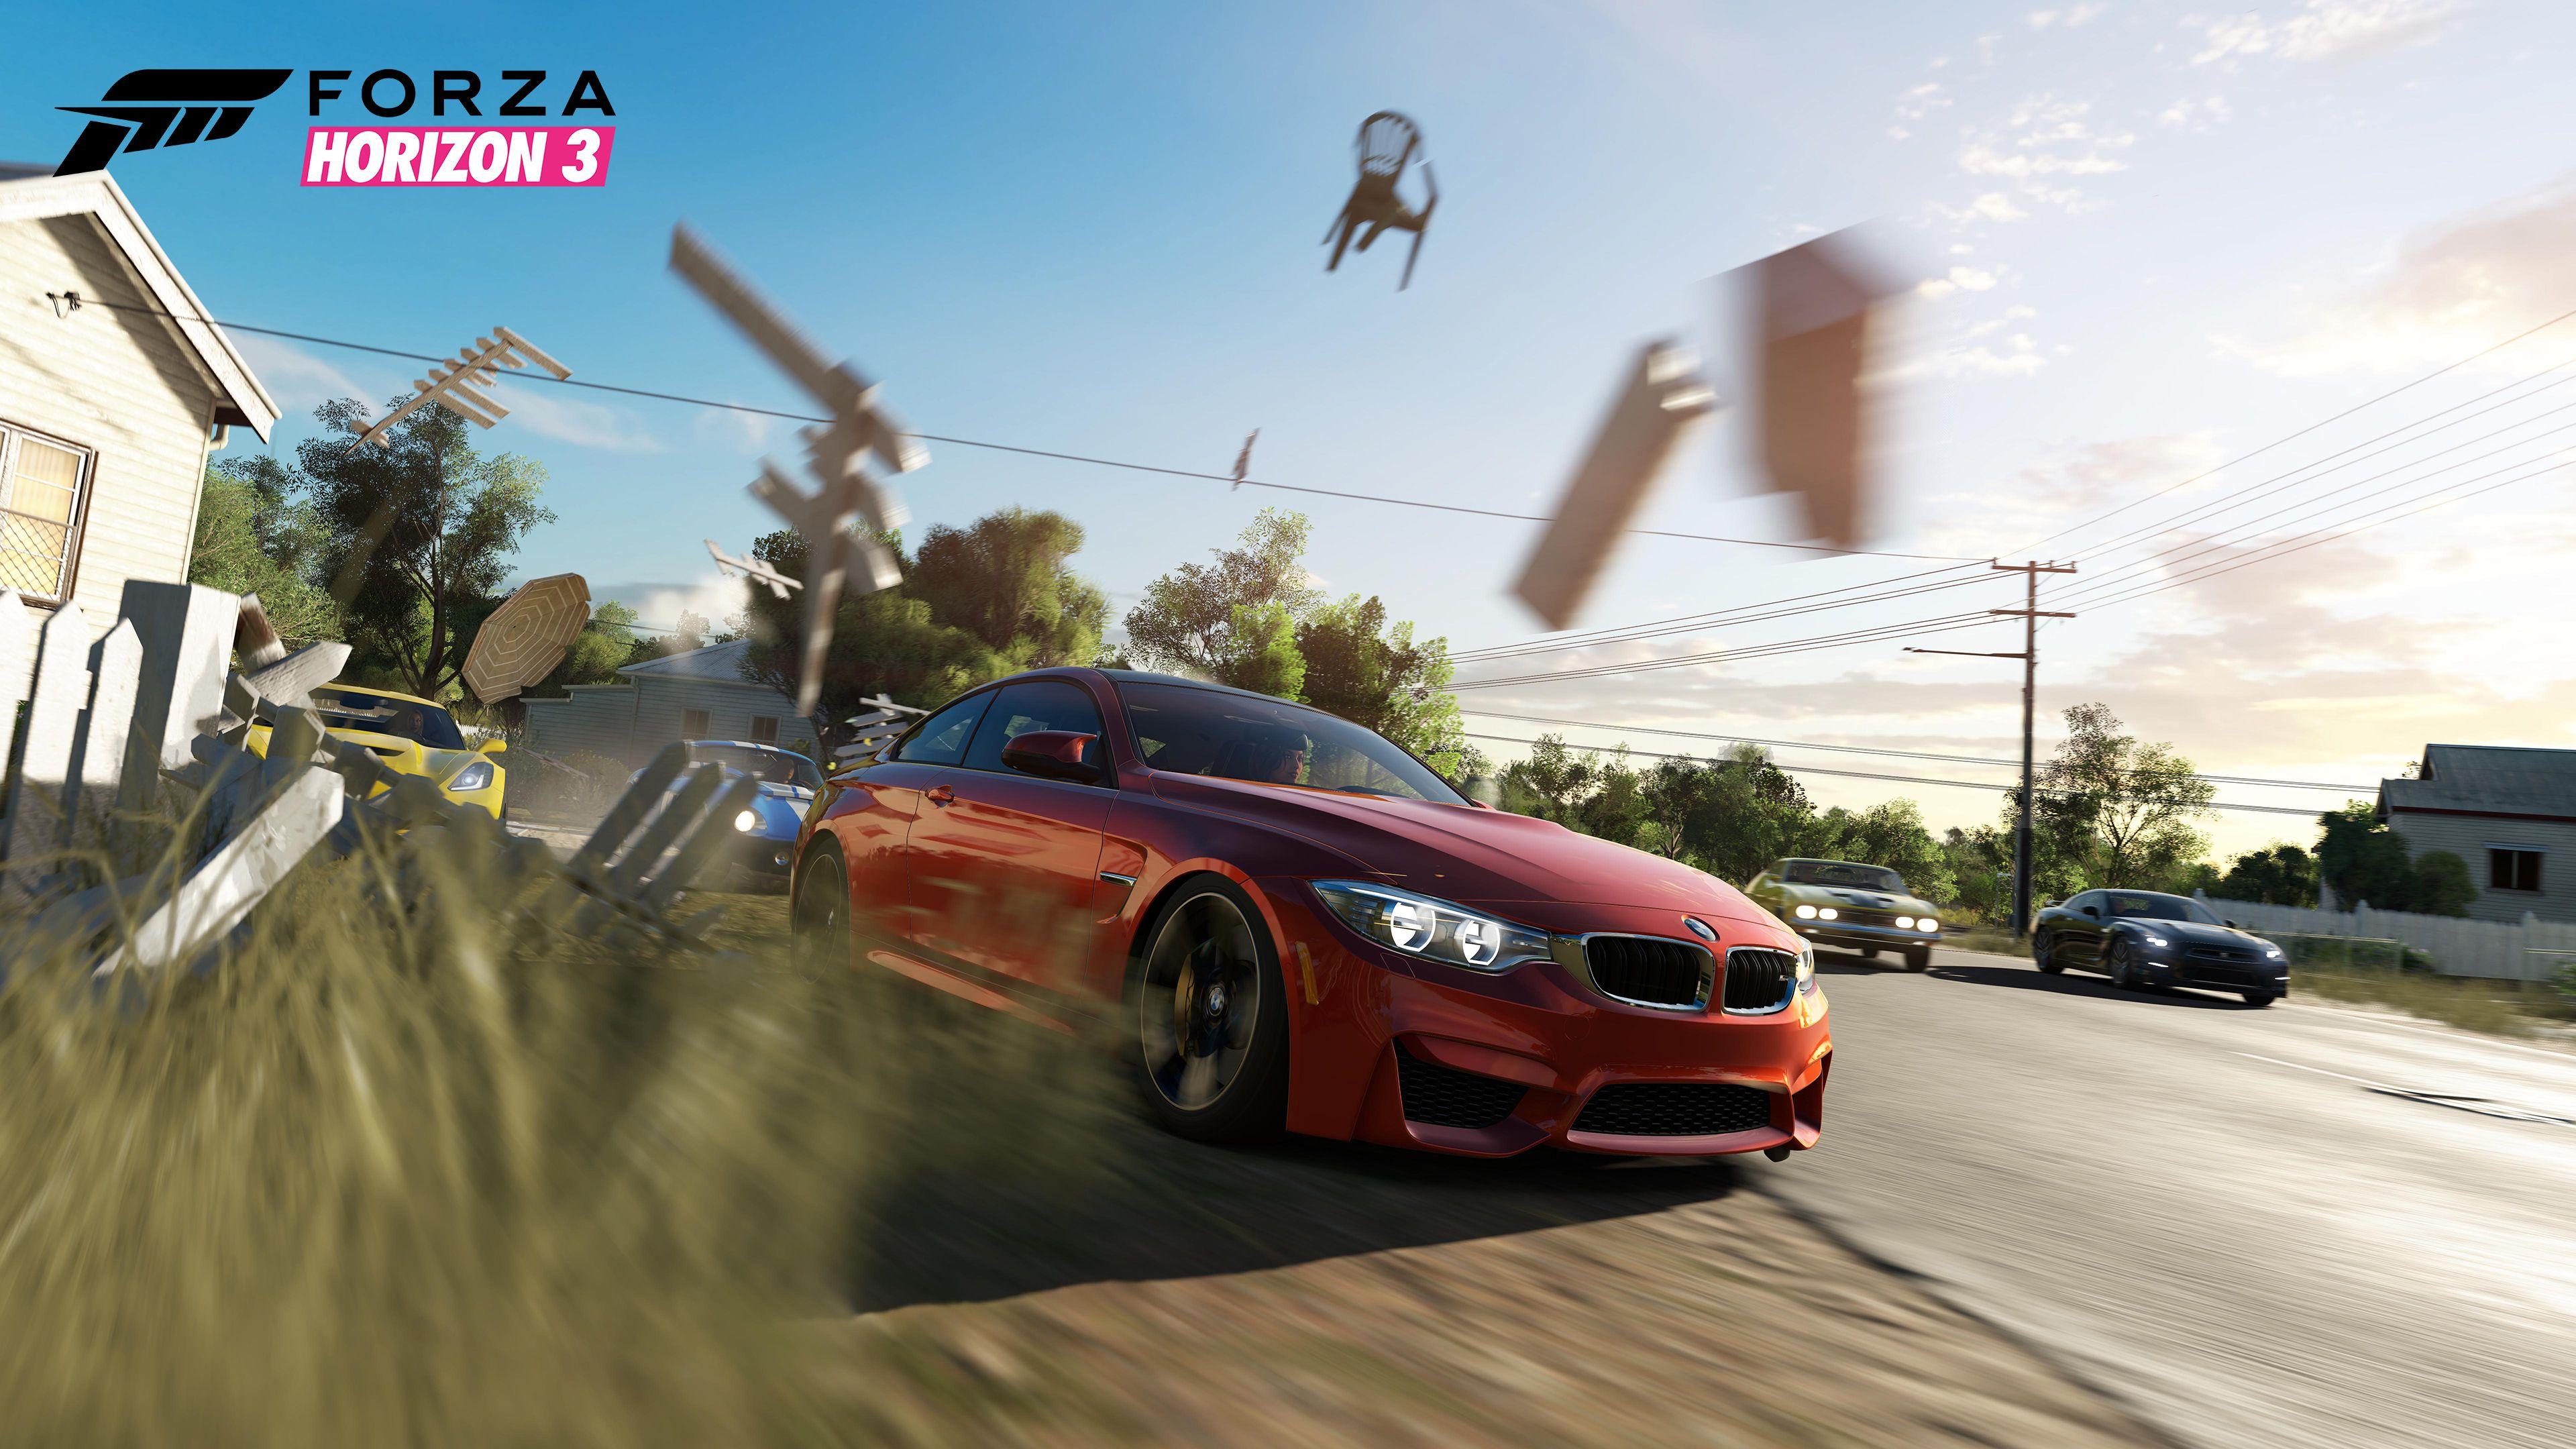 Горизонт Forza 3 геймплей обои скачать